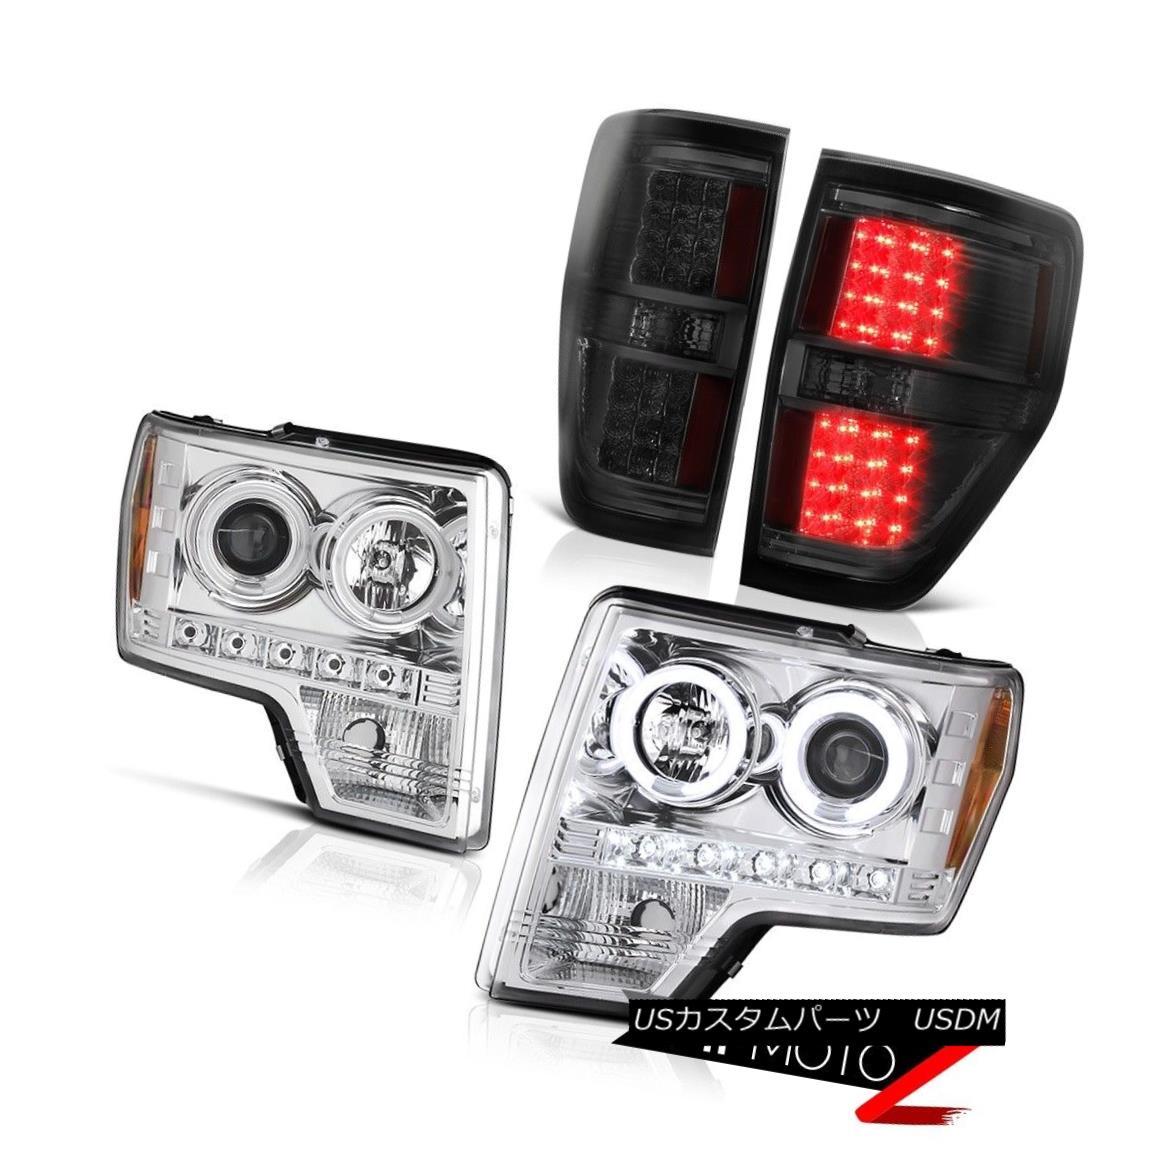 テールライト 2009-2014 F150 SXT Euro Chrome CCFL Halo Ring Head Lights LED Bulbs Tail Lights 2009-2014 F150 SXTユーロクロームCCFLハローリングヘッドライトLED電球テールライト